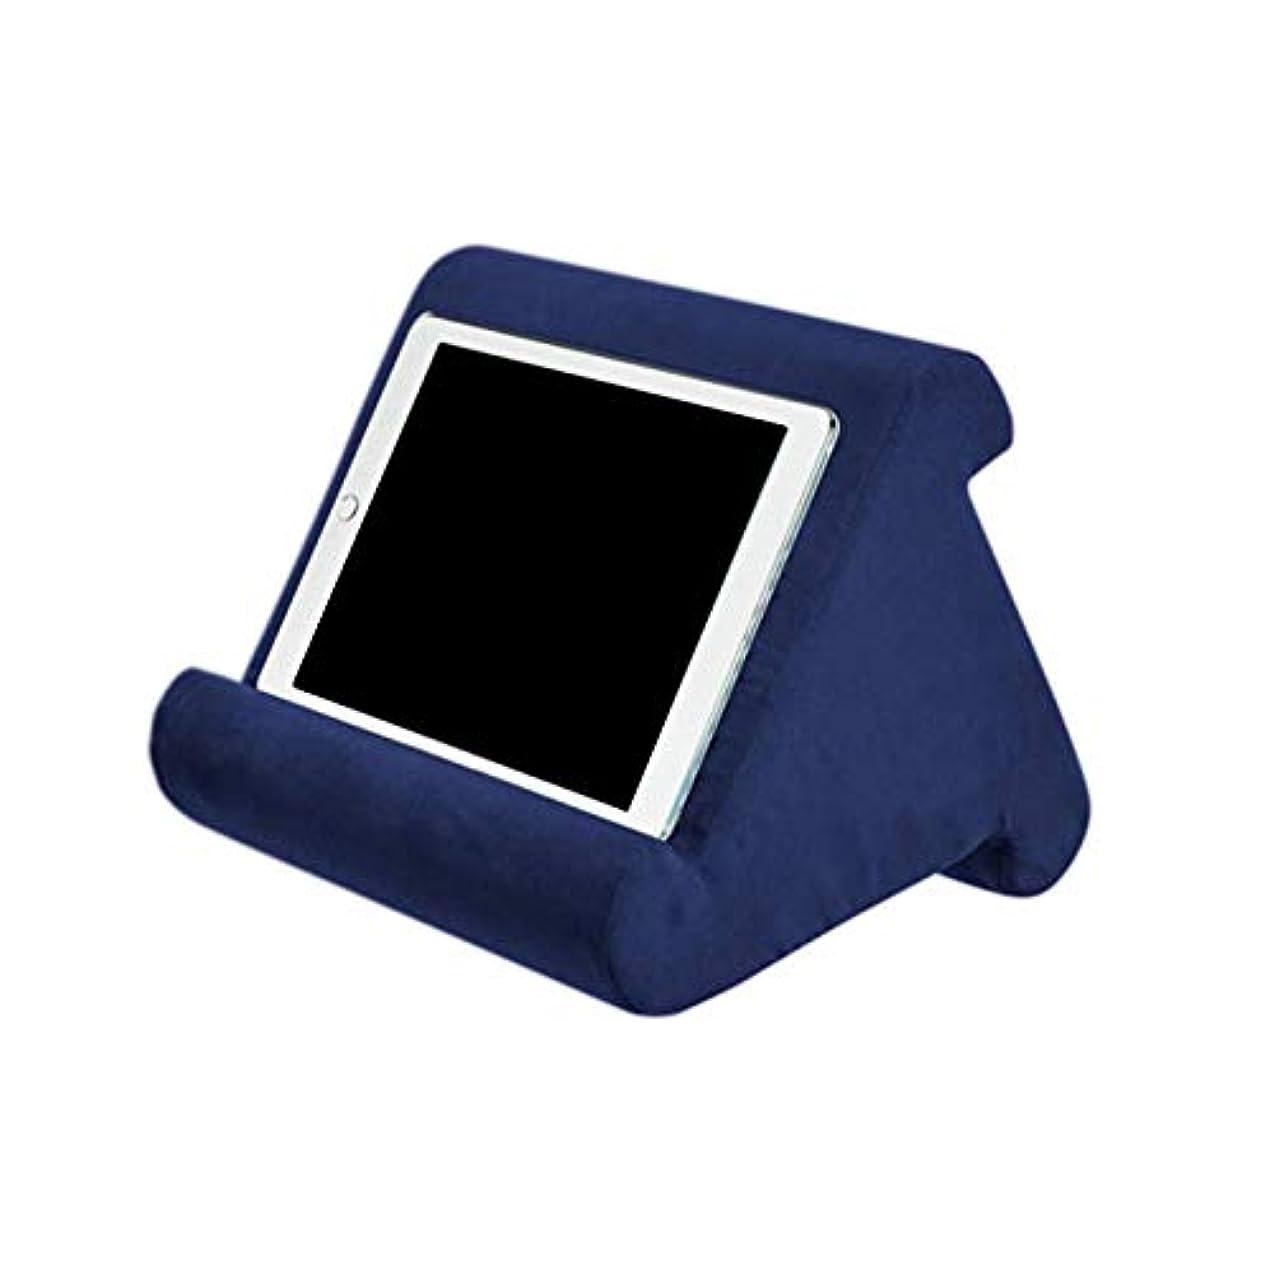 出席する見せます忘れるLIFE 家庭用タブレット枕ホルダースタンドブック残り読書サポートクッションベッドソファマルチアングルソフト枕ラップスタンドクッション クッション 椅子